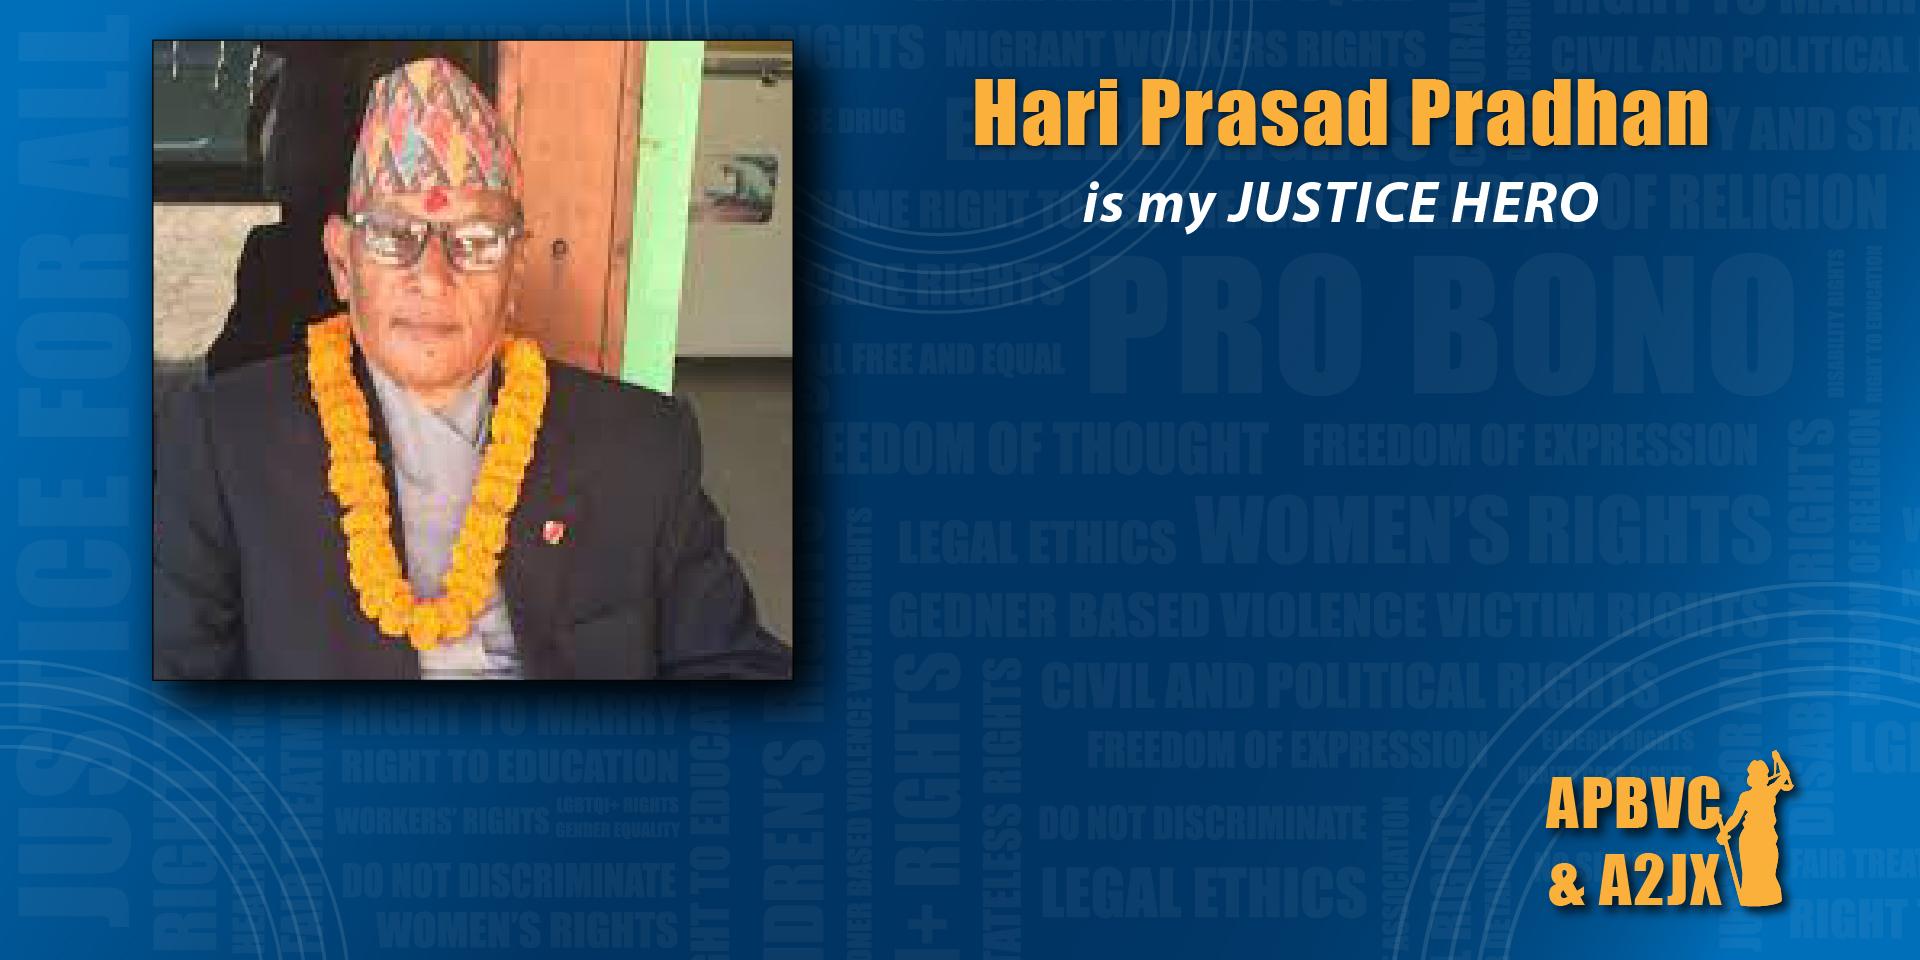 Hari Prasad Pradhan